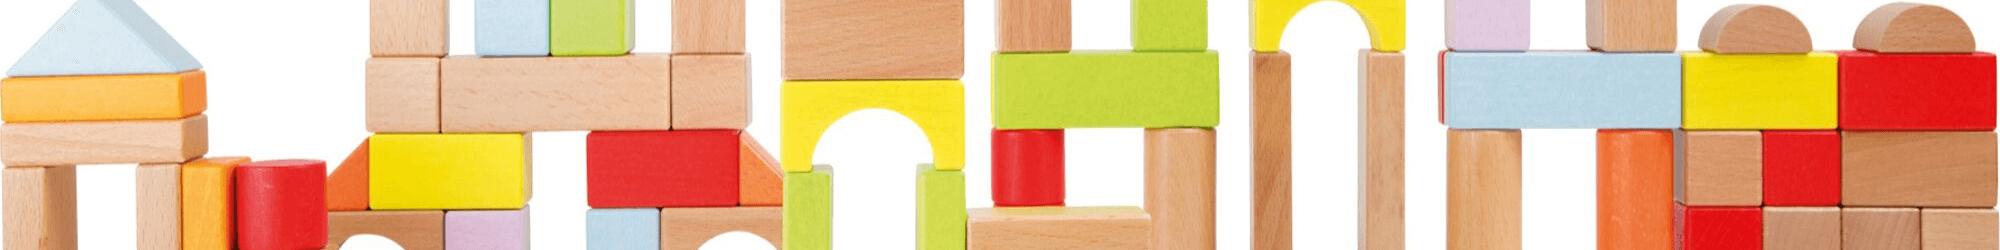 Speelgoedwinkel Daantje houten speelgoed